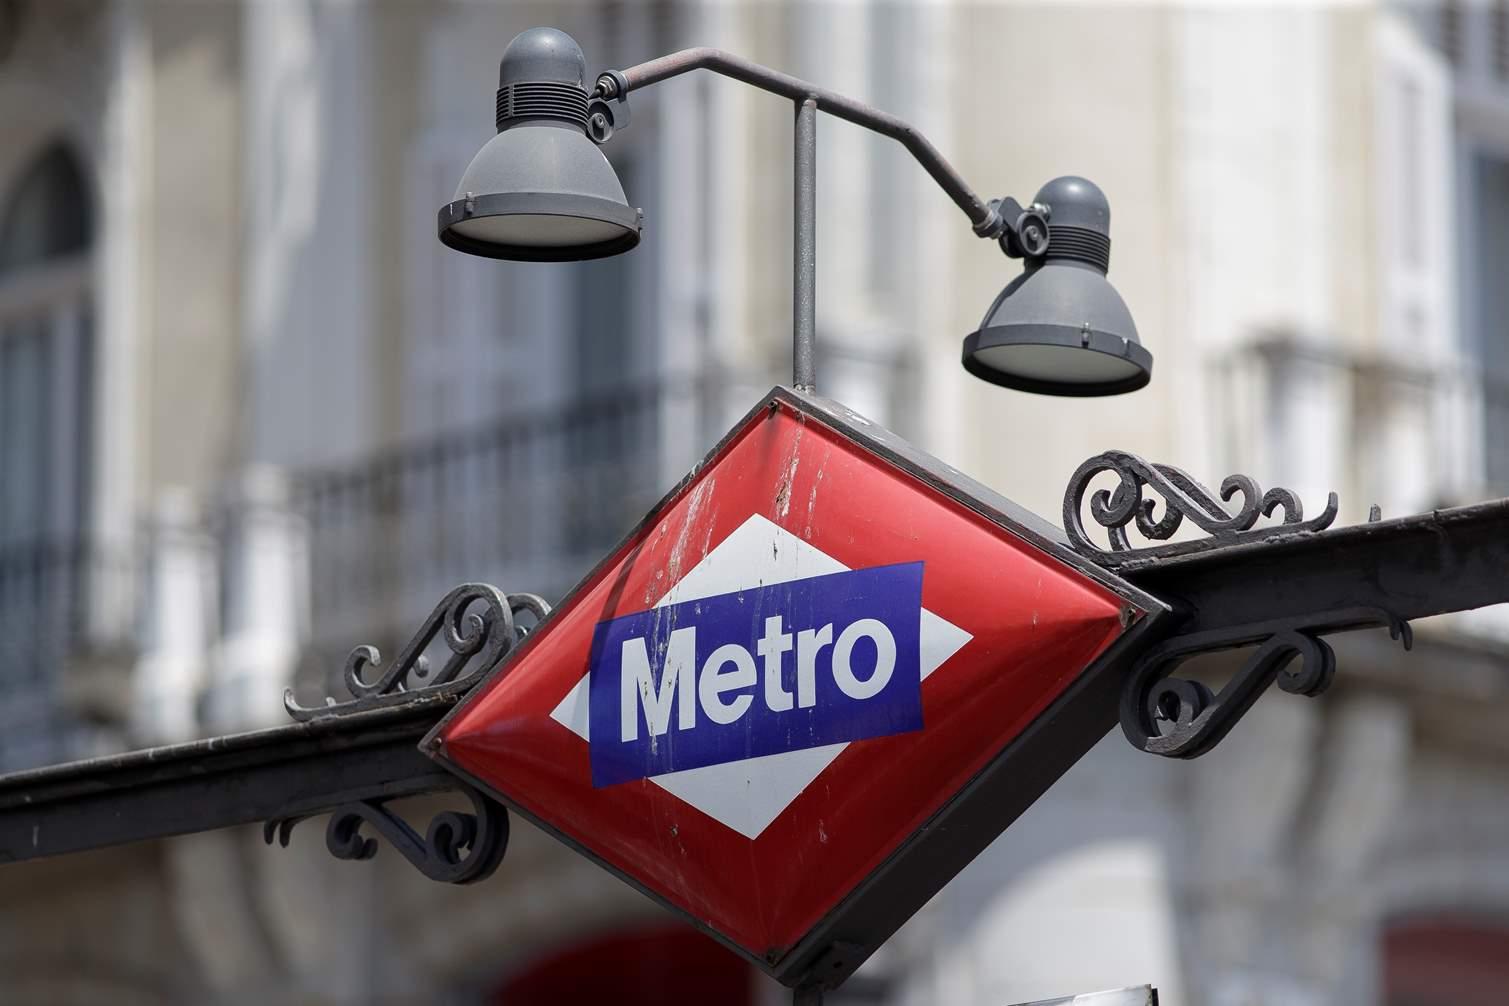 La Policía española investiga una agresión racista en el Metro de Madrid